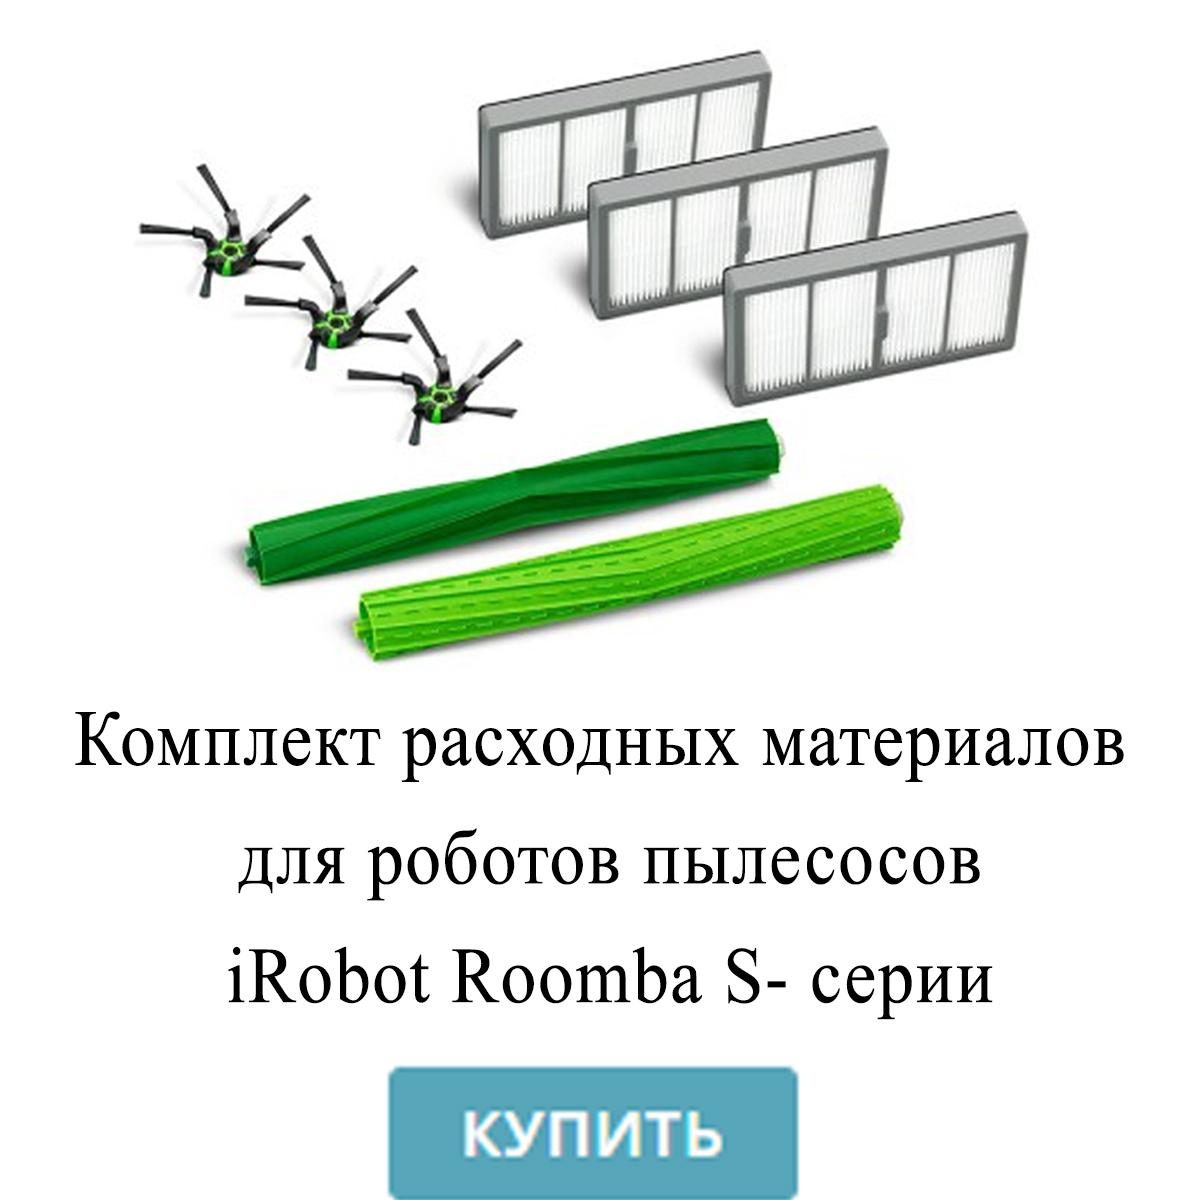 Комплект расходных материалов для роботов пылесосов iRobot Roomba S- серии